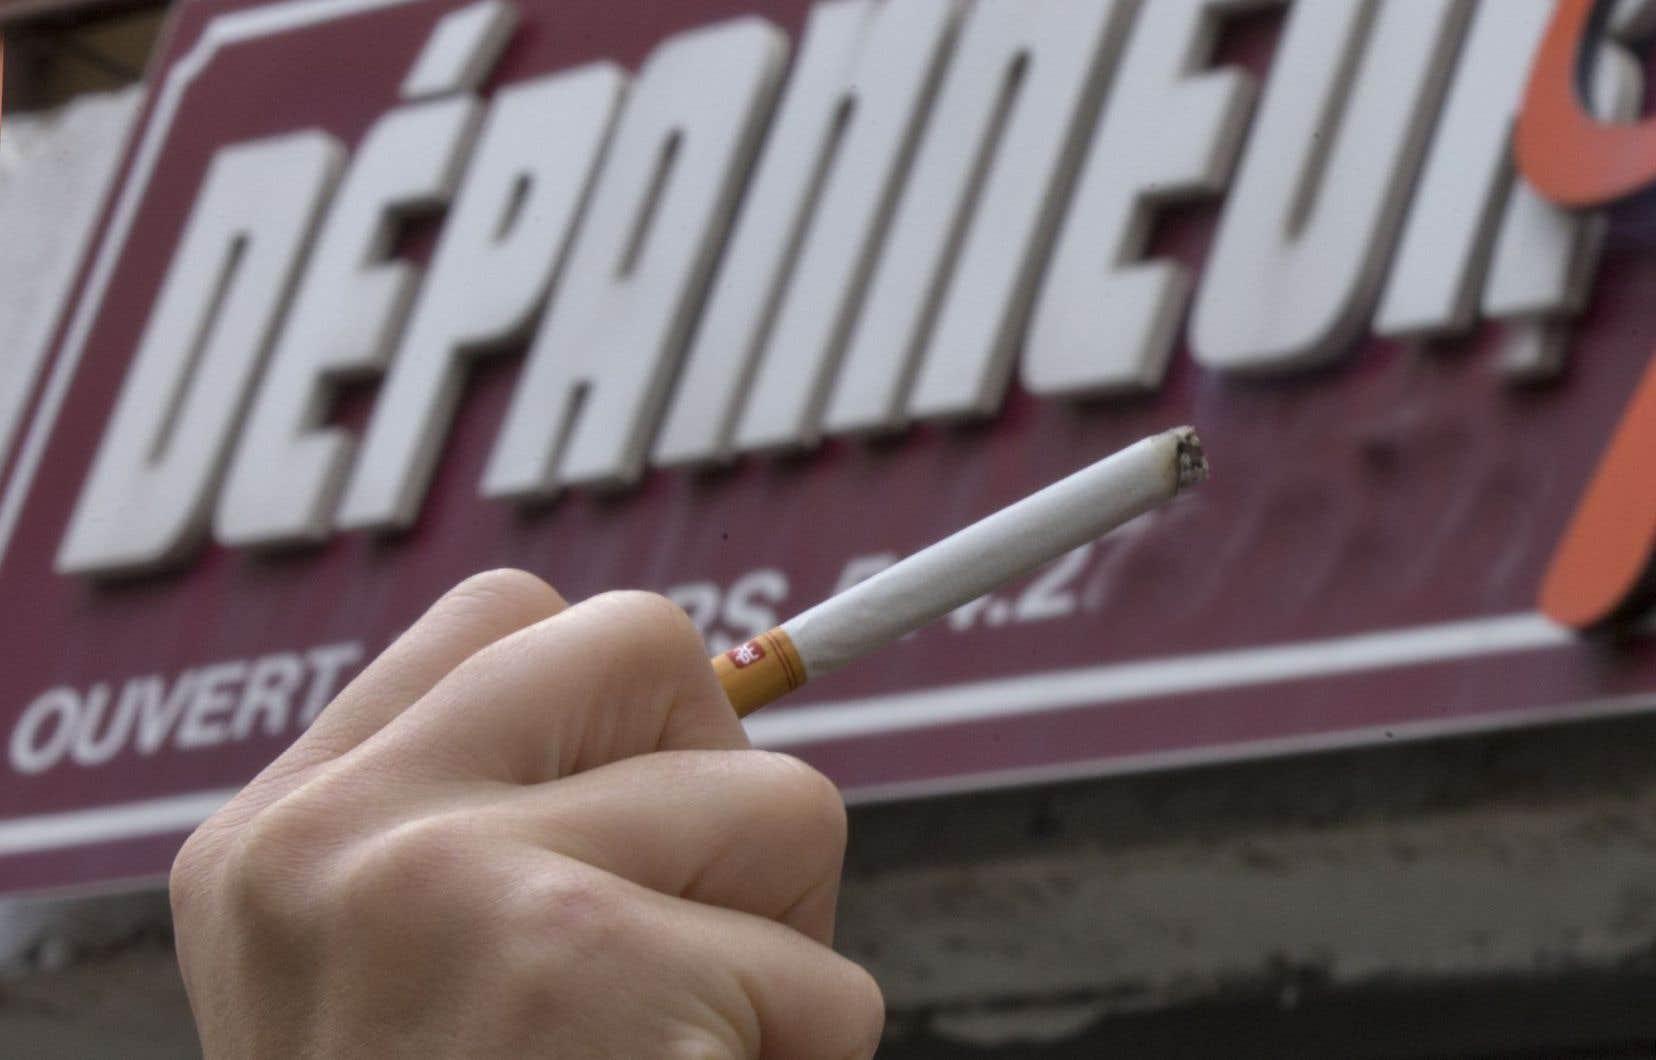 Récemment, <em>Le Devoir </em>révélait que ces programmes mettaient de nombreux détaillants sous pression et les poussait, dans certains cas, à écouler les paquets de cigarettes encore moins chers (donc à perte) pour conserver leurs contrats avec les compagnies.